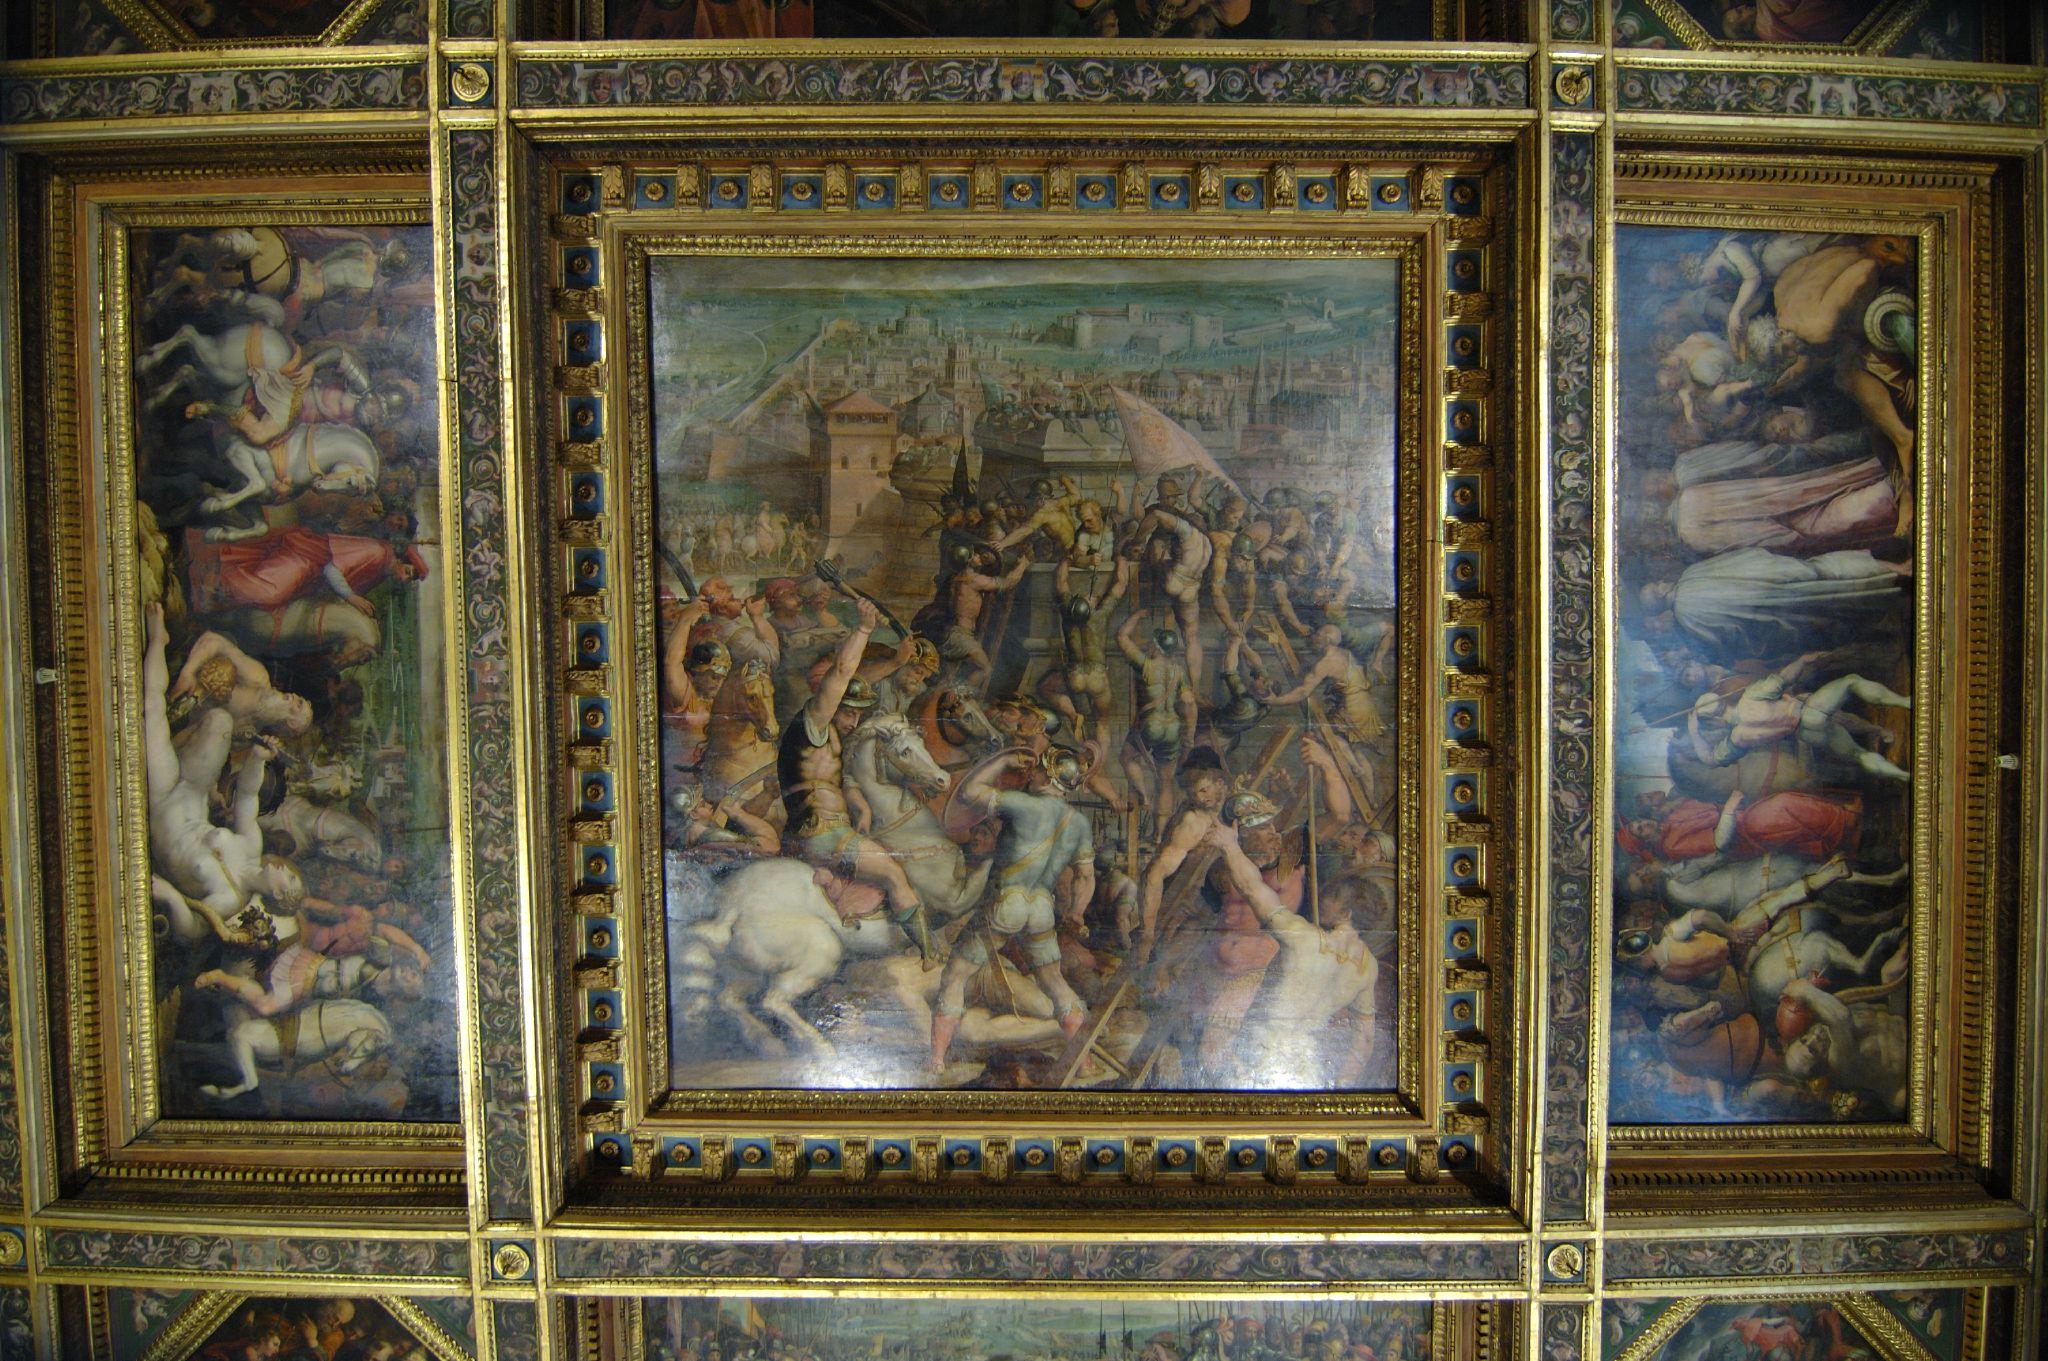 Sala Da The Milano.File Palazzo Vecchio Sala Di Leone X La Presa Di Milano Da